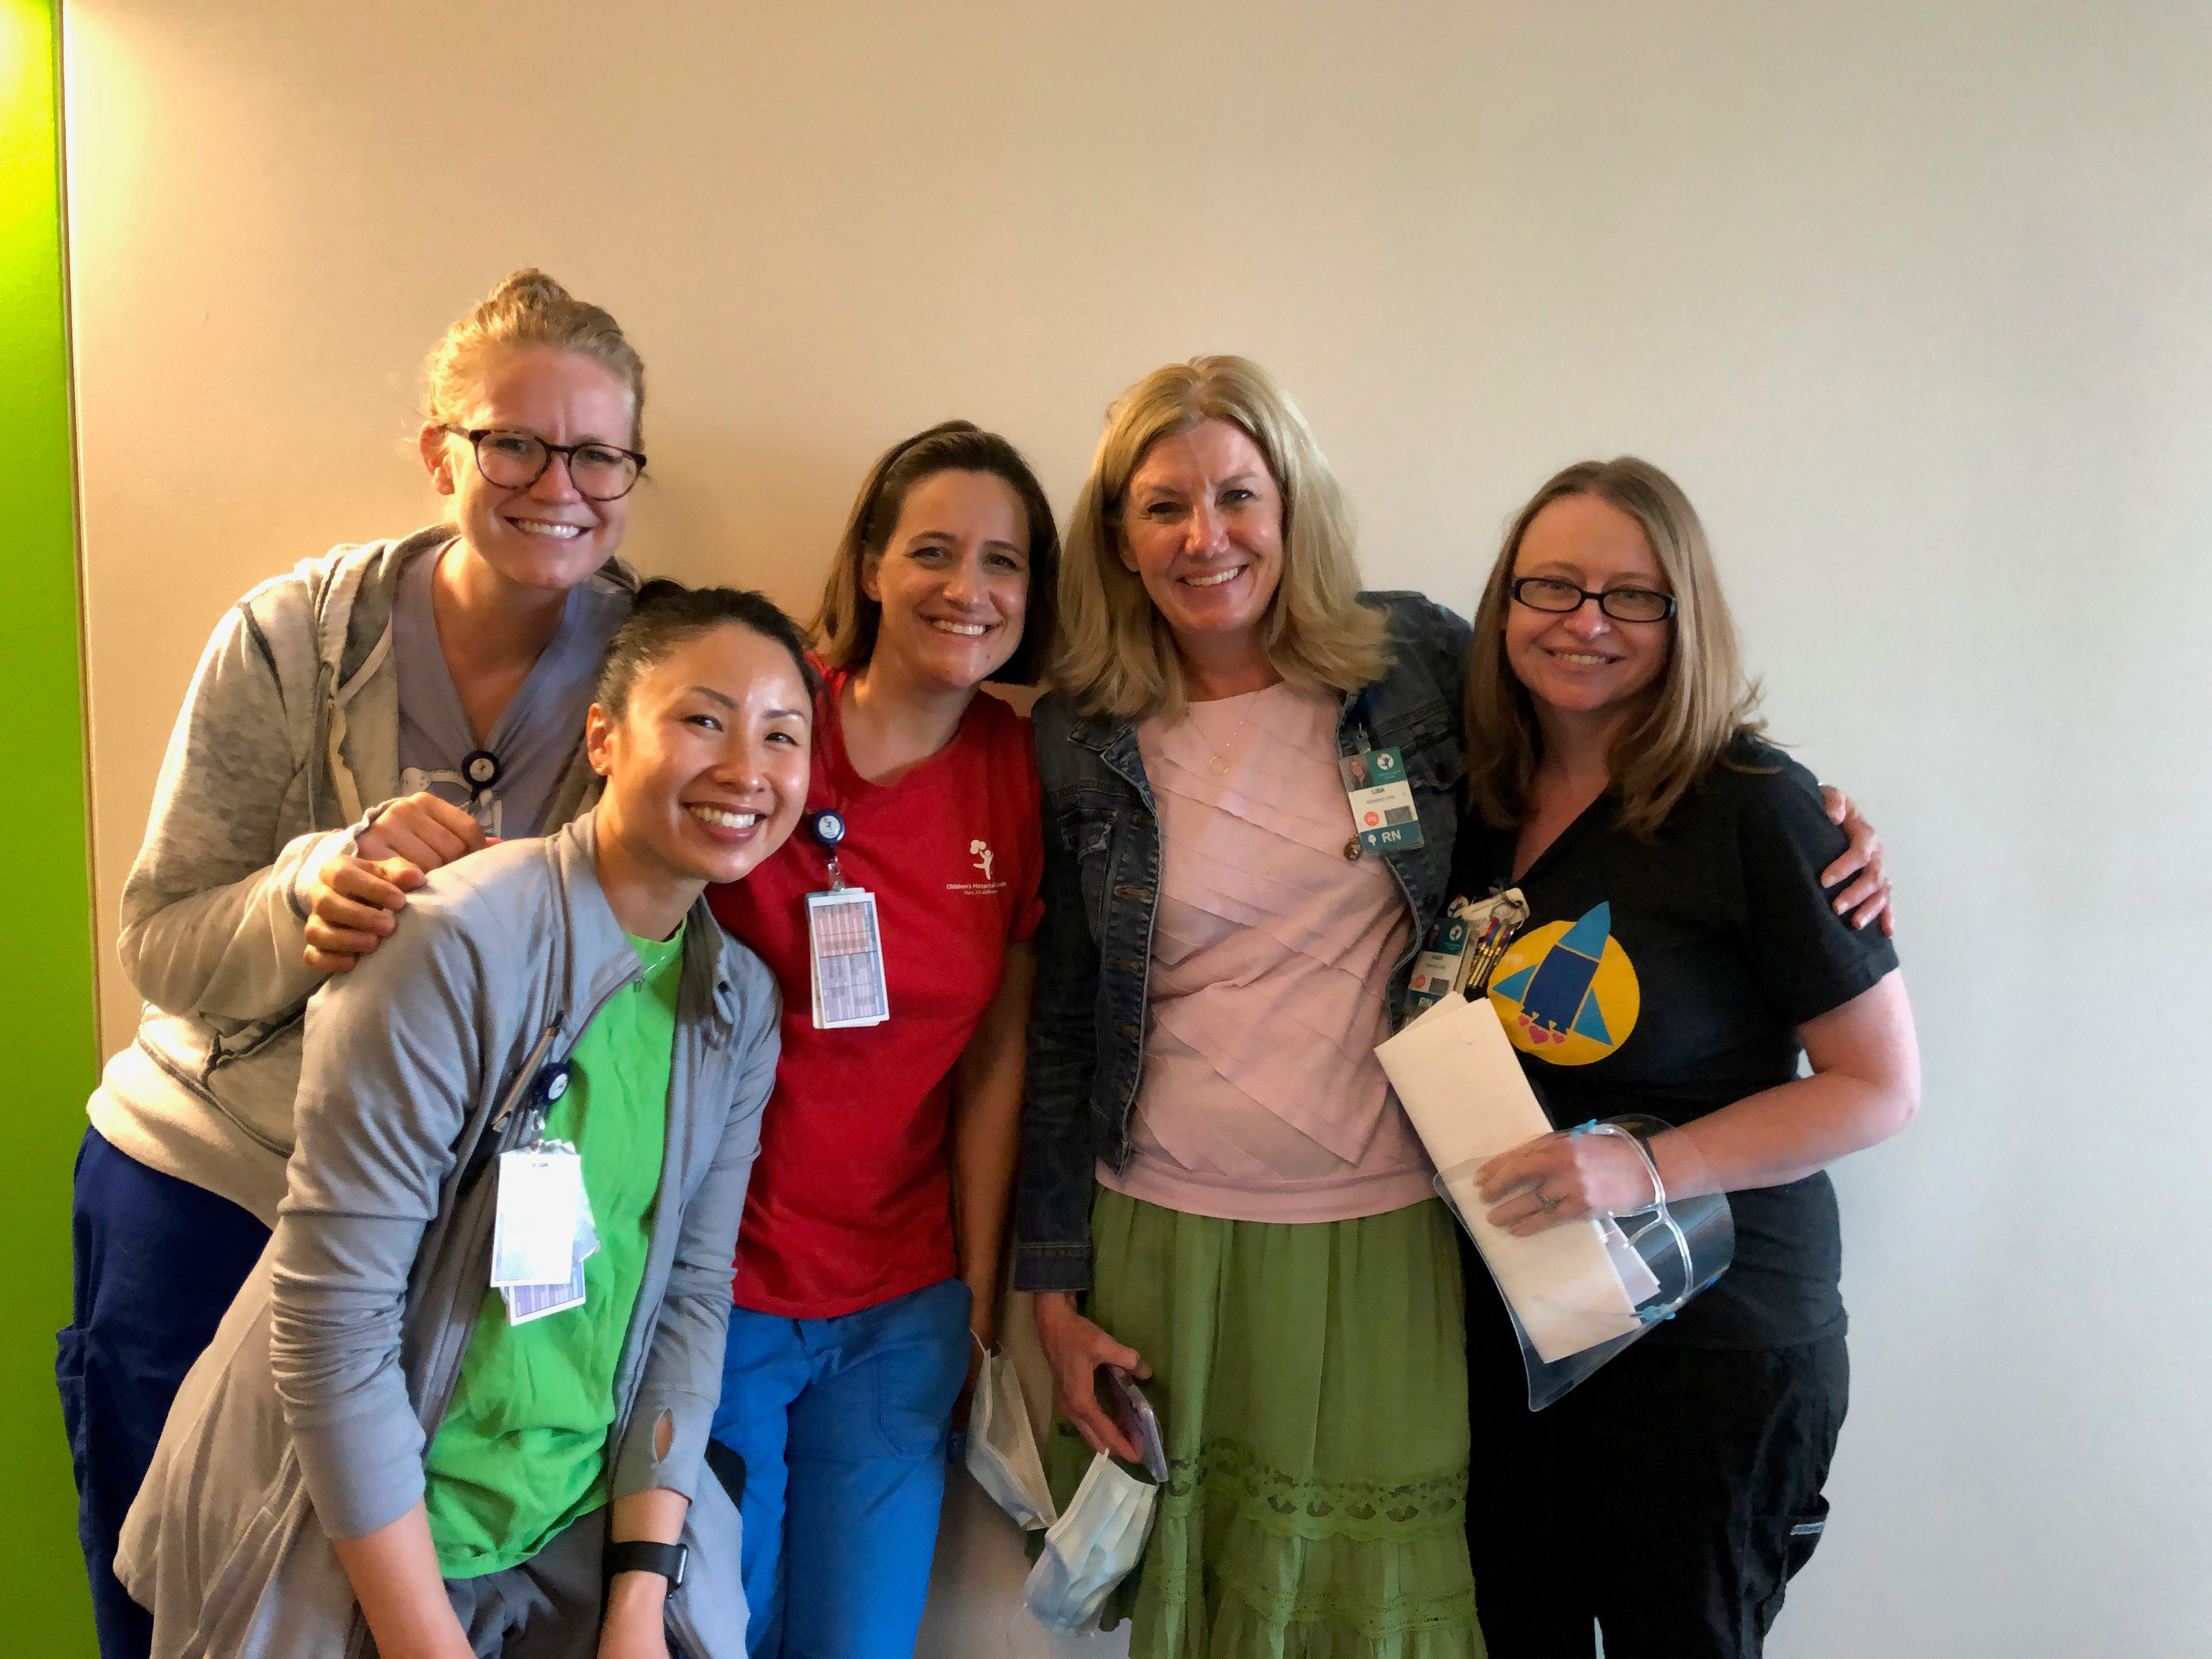 Lisa Lewis and Team